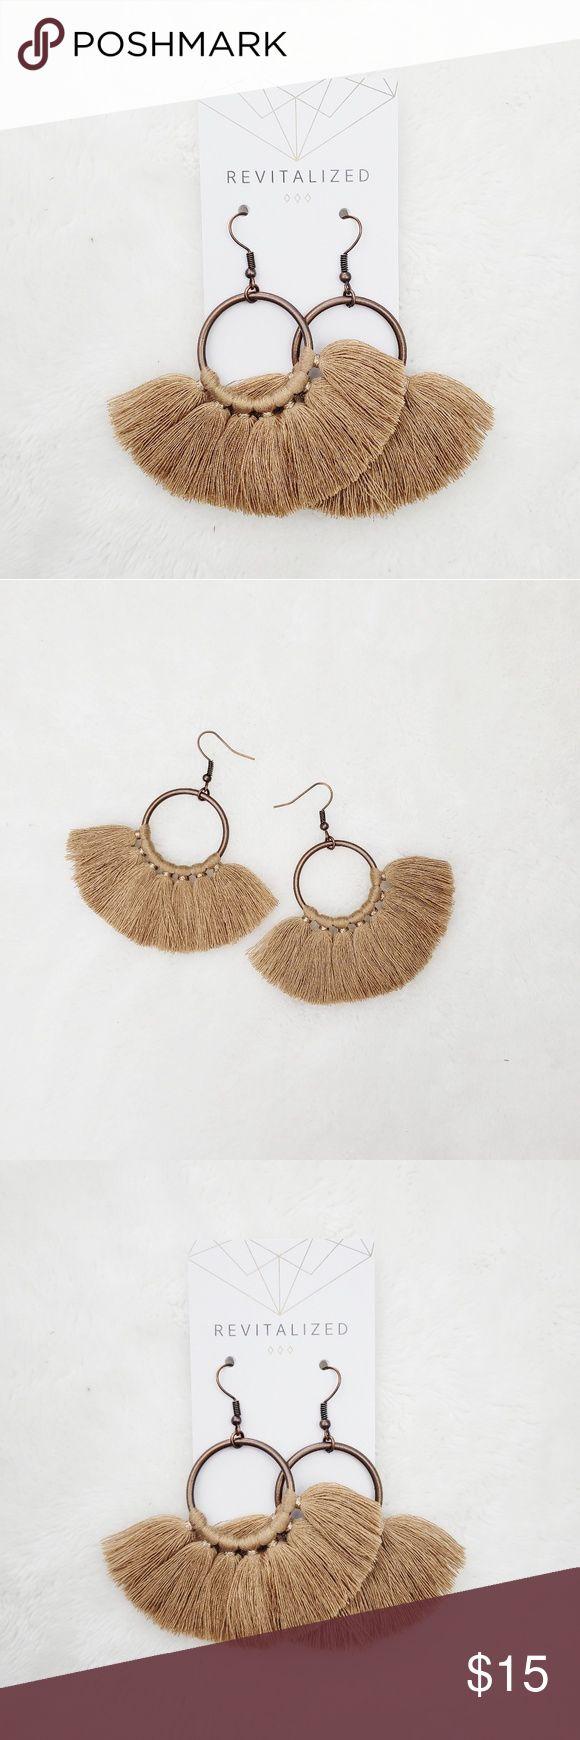 Kreis Quaste Fringe Ohrringe Kreis Quaste Fringe Ohrringe 1 Paar Neu in der Verpackung …